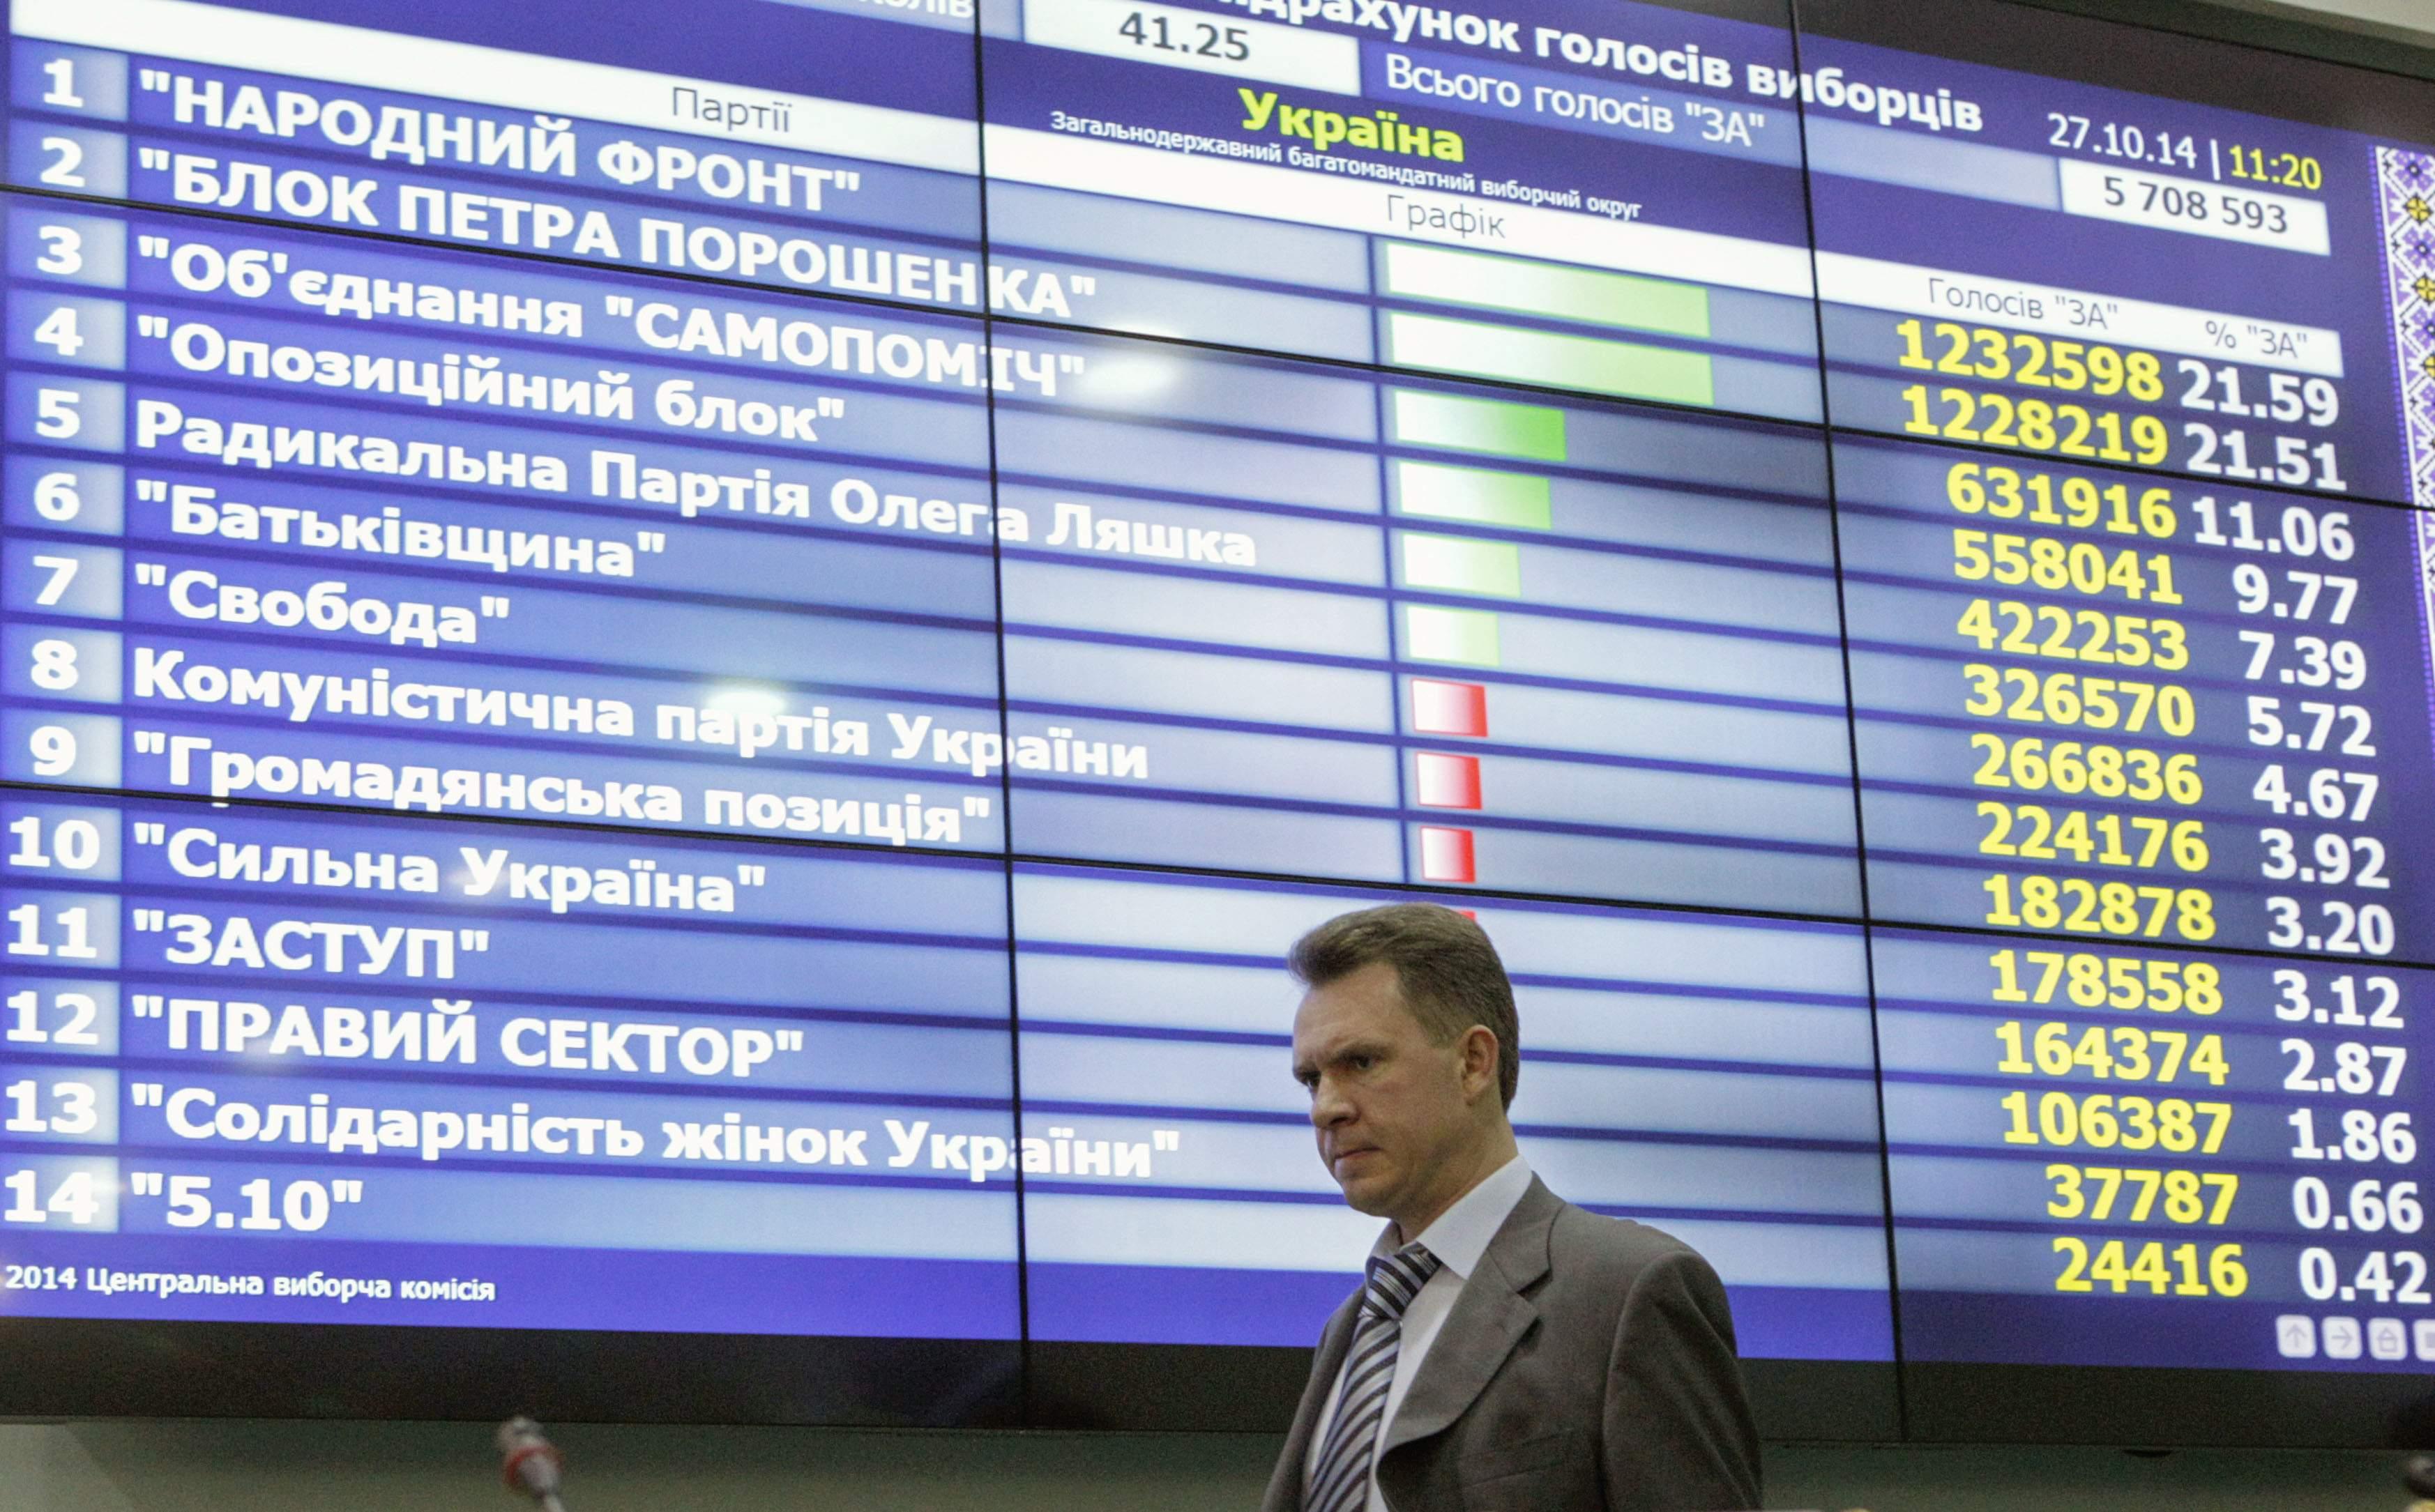 Охендовский, ЦИК и результаты